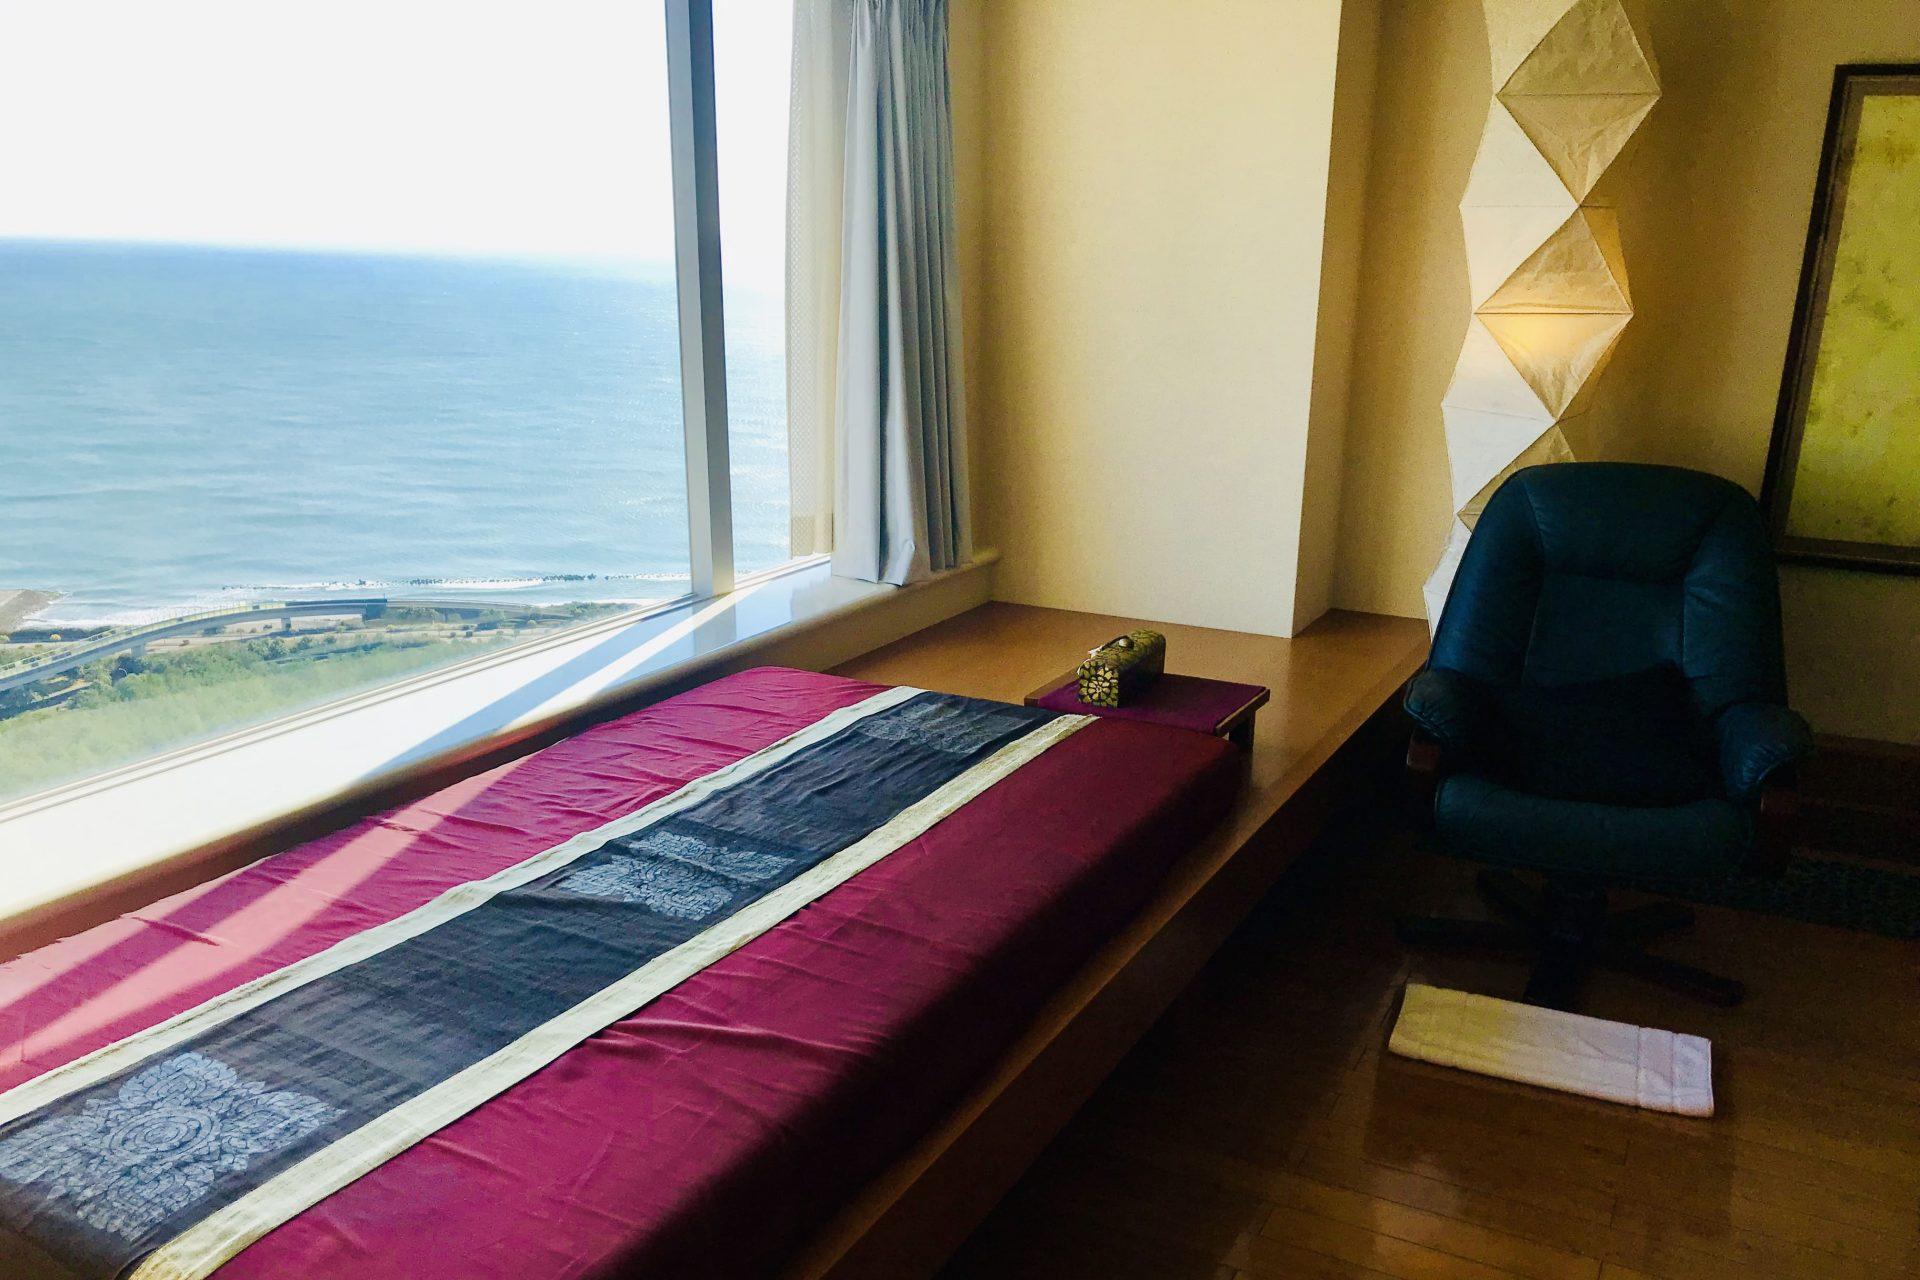 バンヤンツリー・スパ 宮崎 リゾートホテル シェラトン グランデ オーシャン